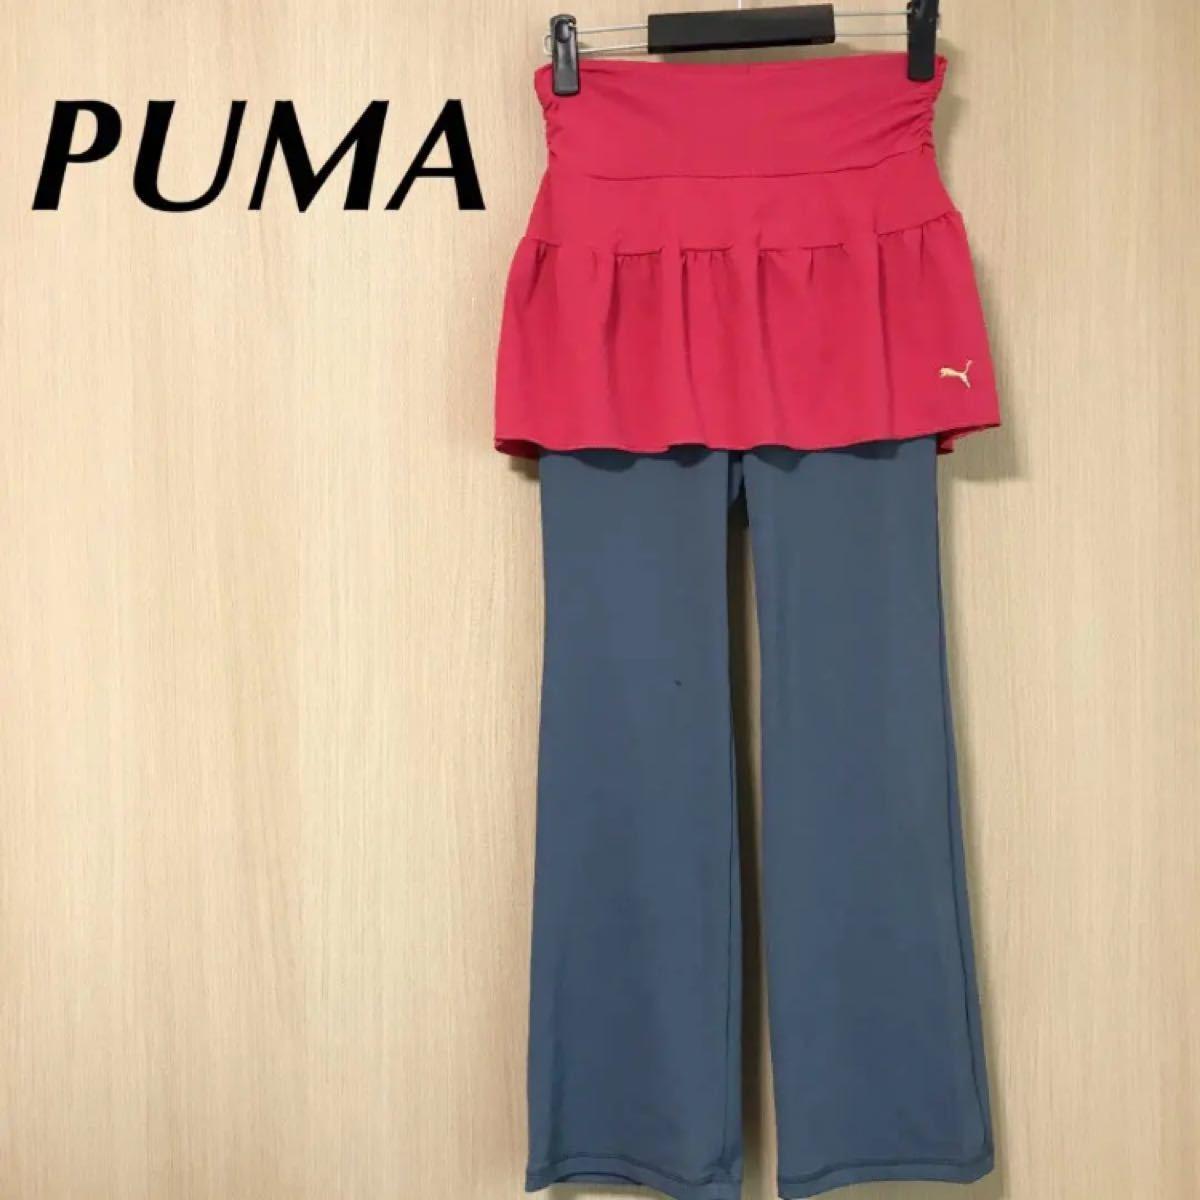 PUMA プーマ レディース スカッツ M スカートパンツ ジャージ ウェア